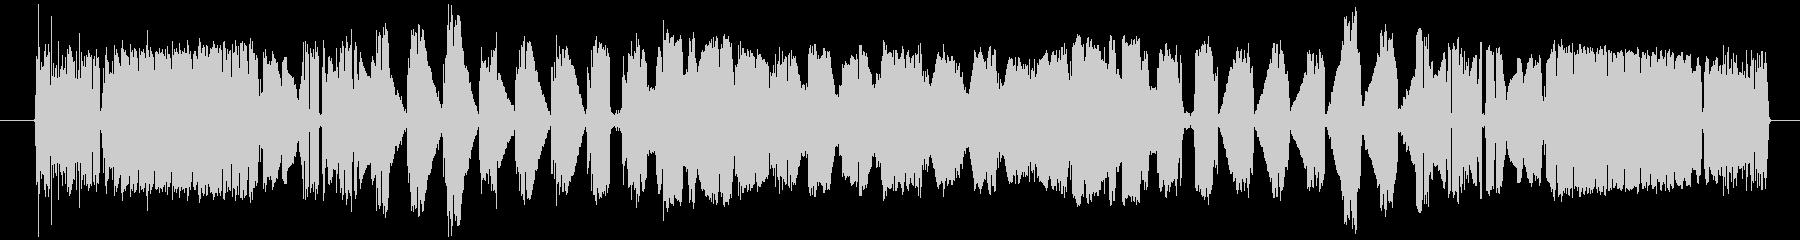 宇宙コンピューターの低効率データ処...の未再生の波形